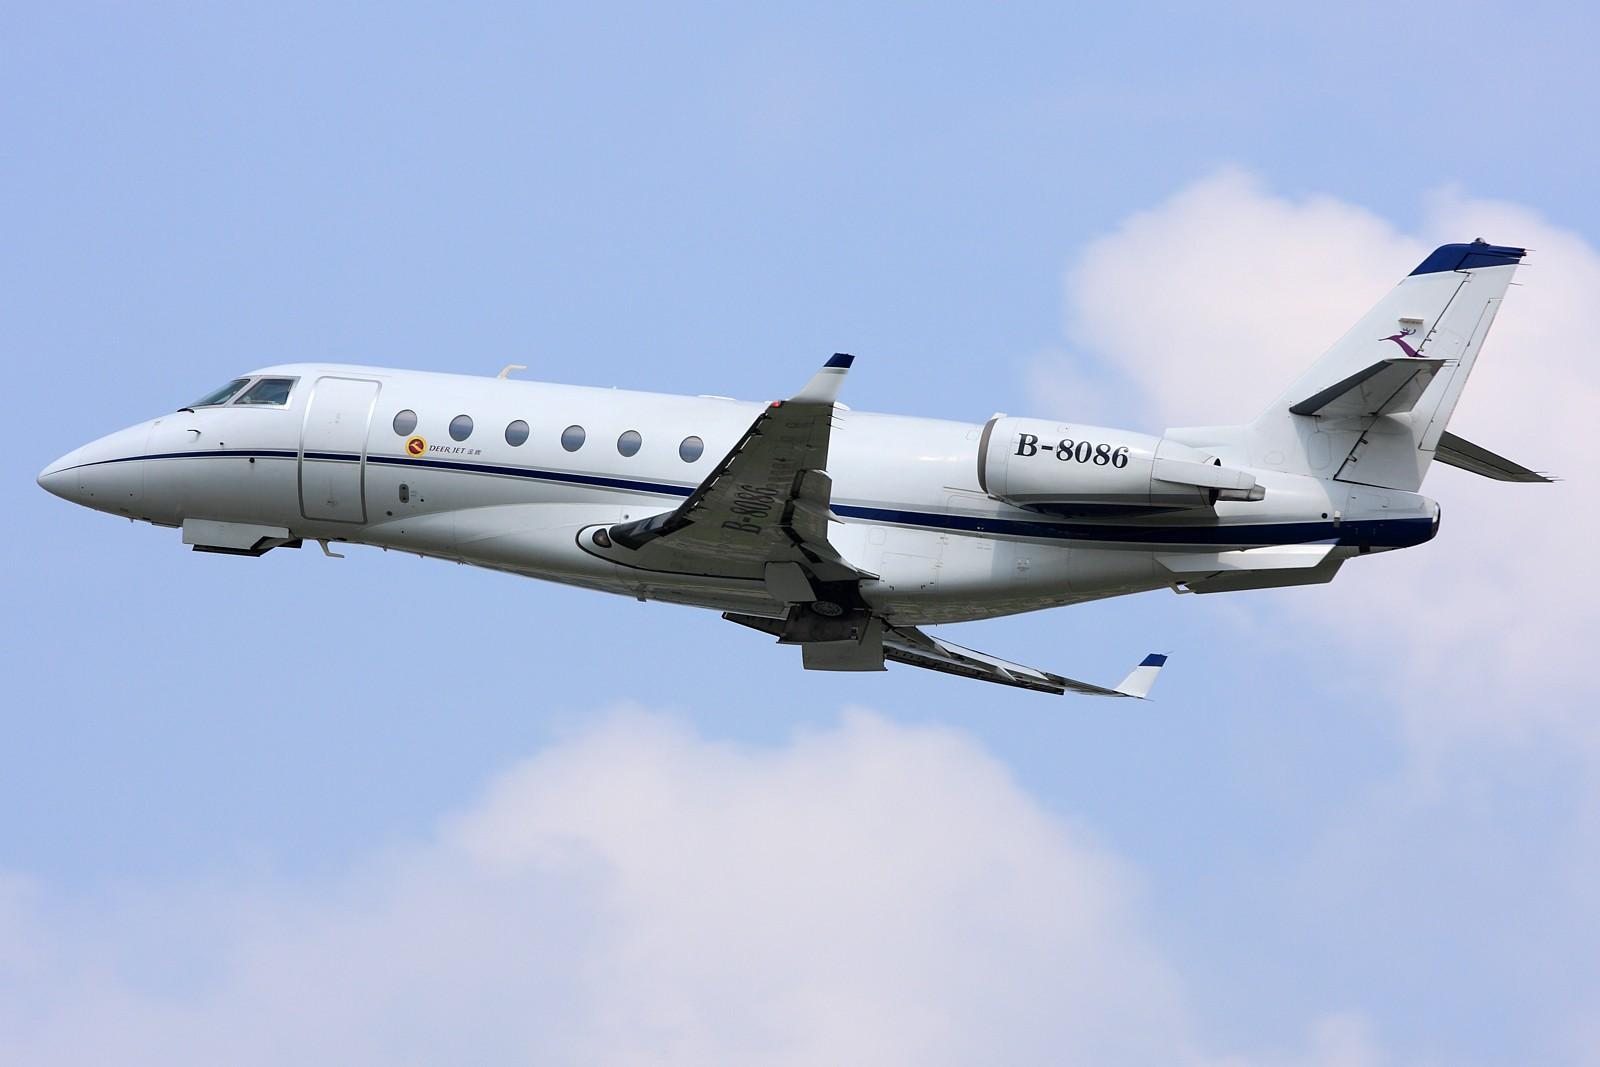 """[原创]【深圳飞友会】很少有机会与这些""""富豪""""接触,今天很幸运遇见。有钱人的新玩物,金鹿公务机、美的直升机。 GULFSTREAM AEROSPACE GULFSTREAM G200 B-8086 中国广州白云机场"""